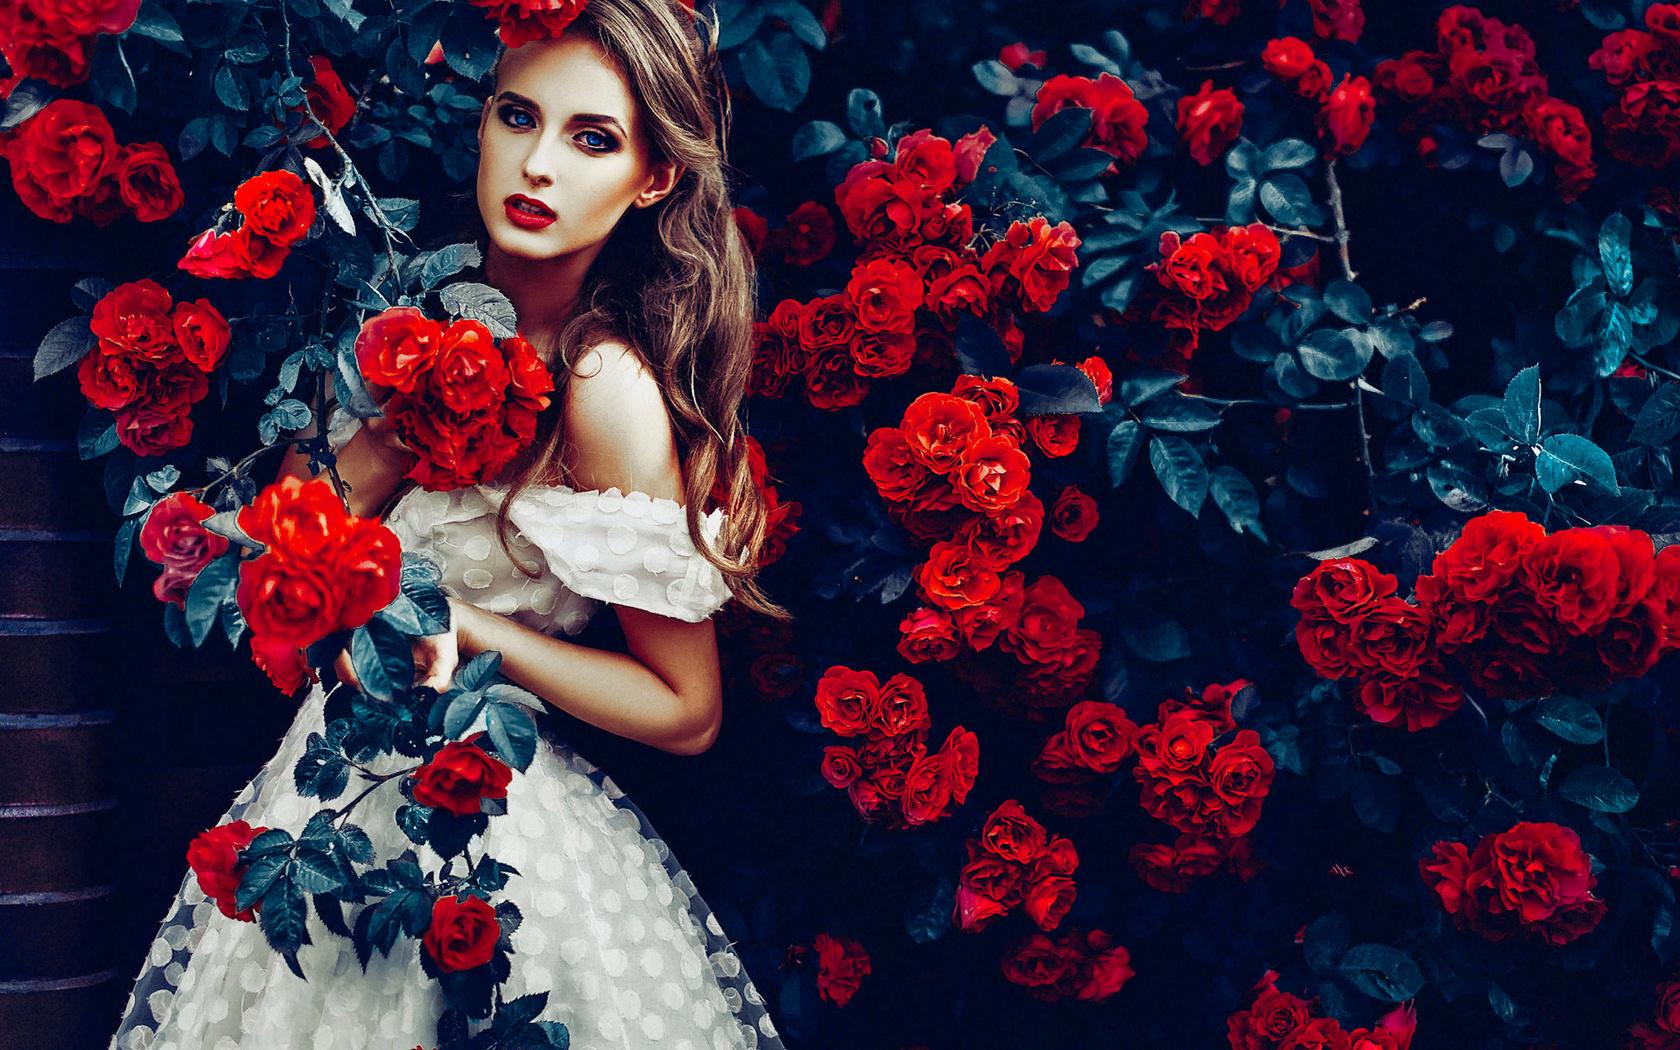 Картинки красивые девушки с цветами, педагогам